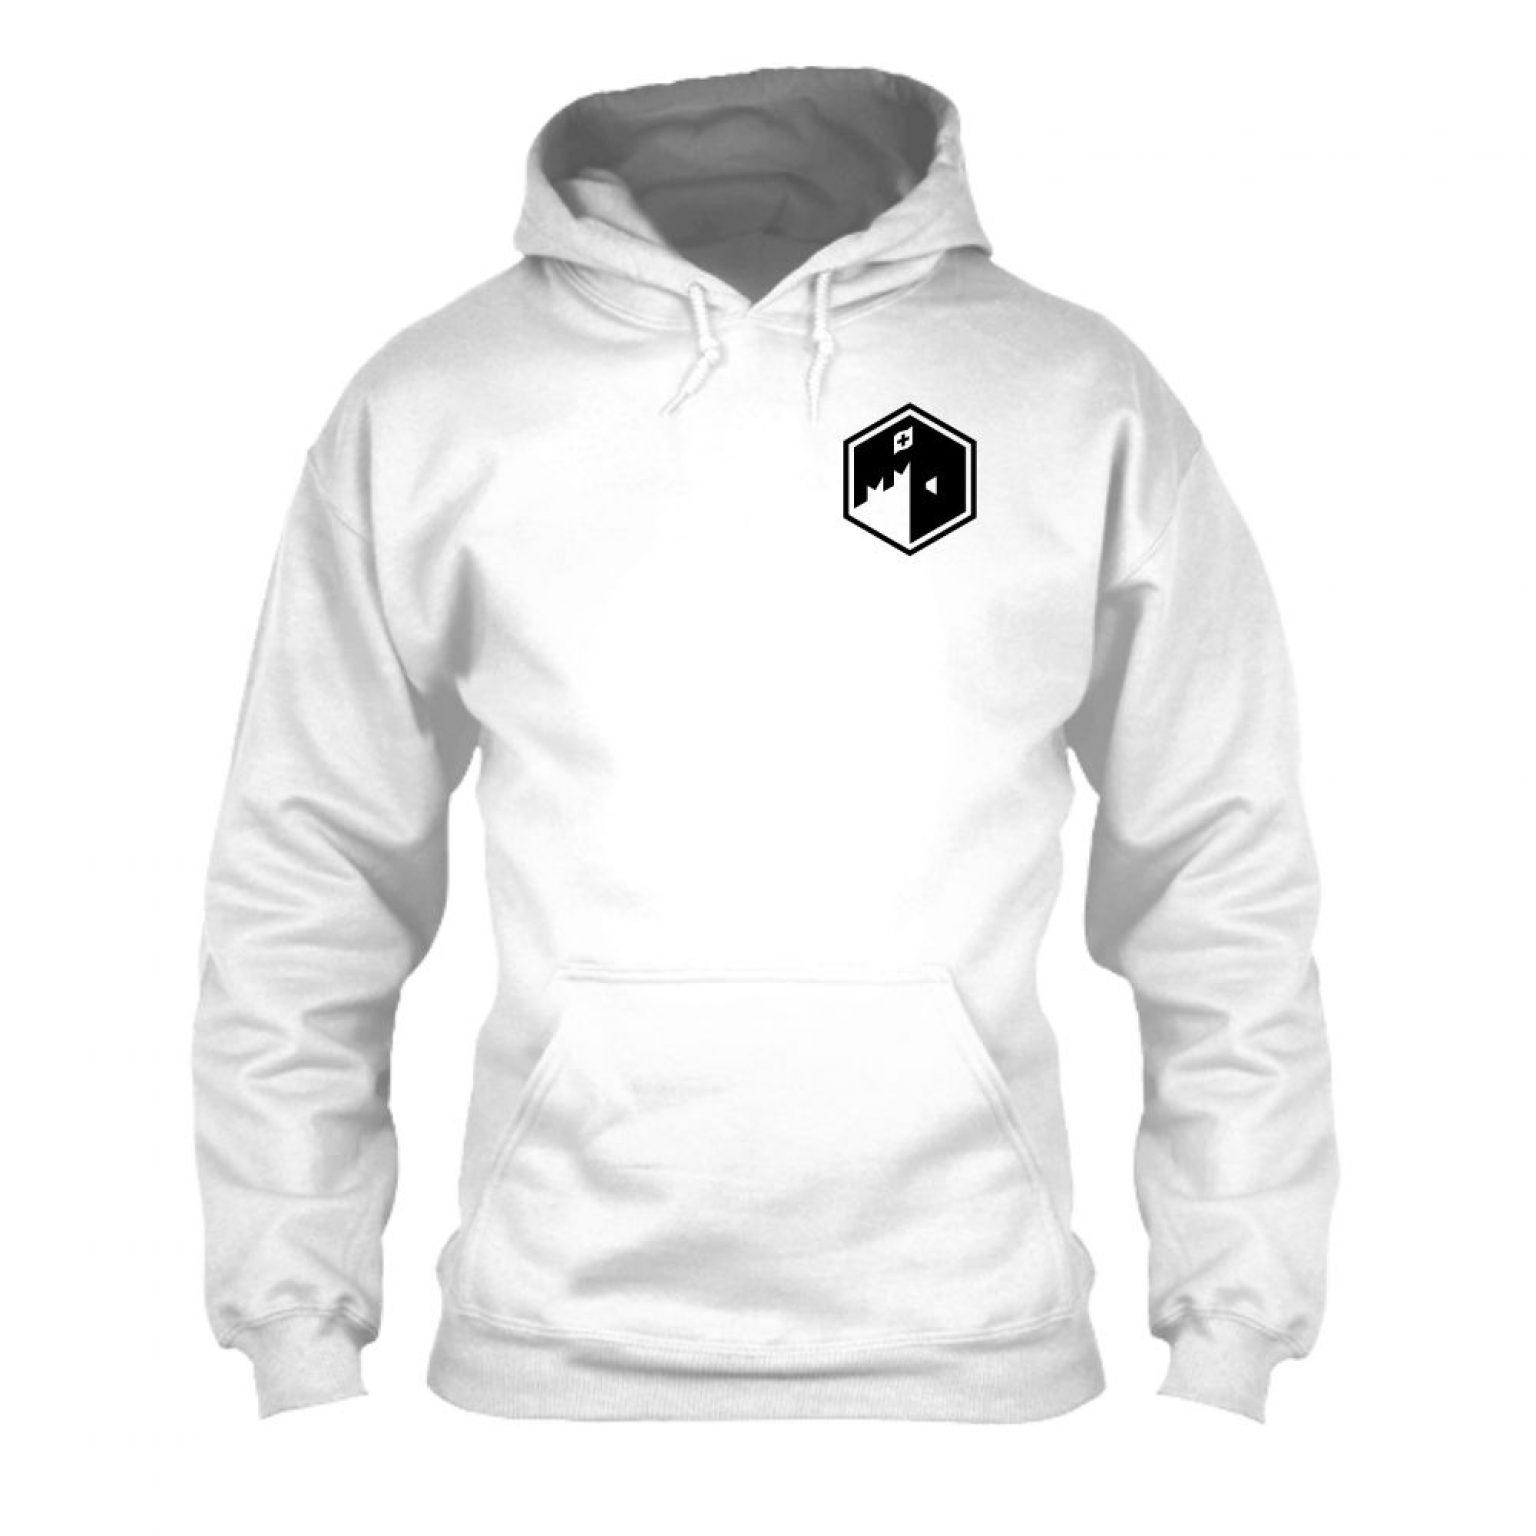 CFB hoodie herren white front